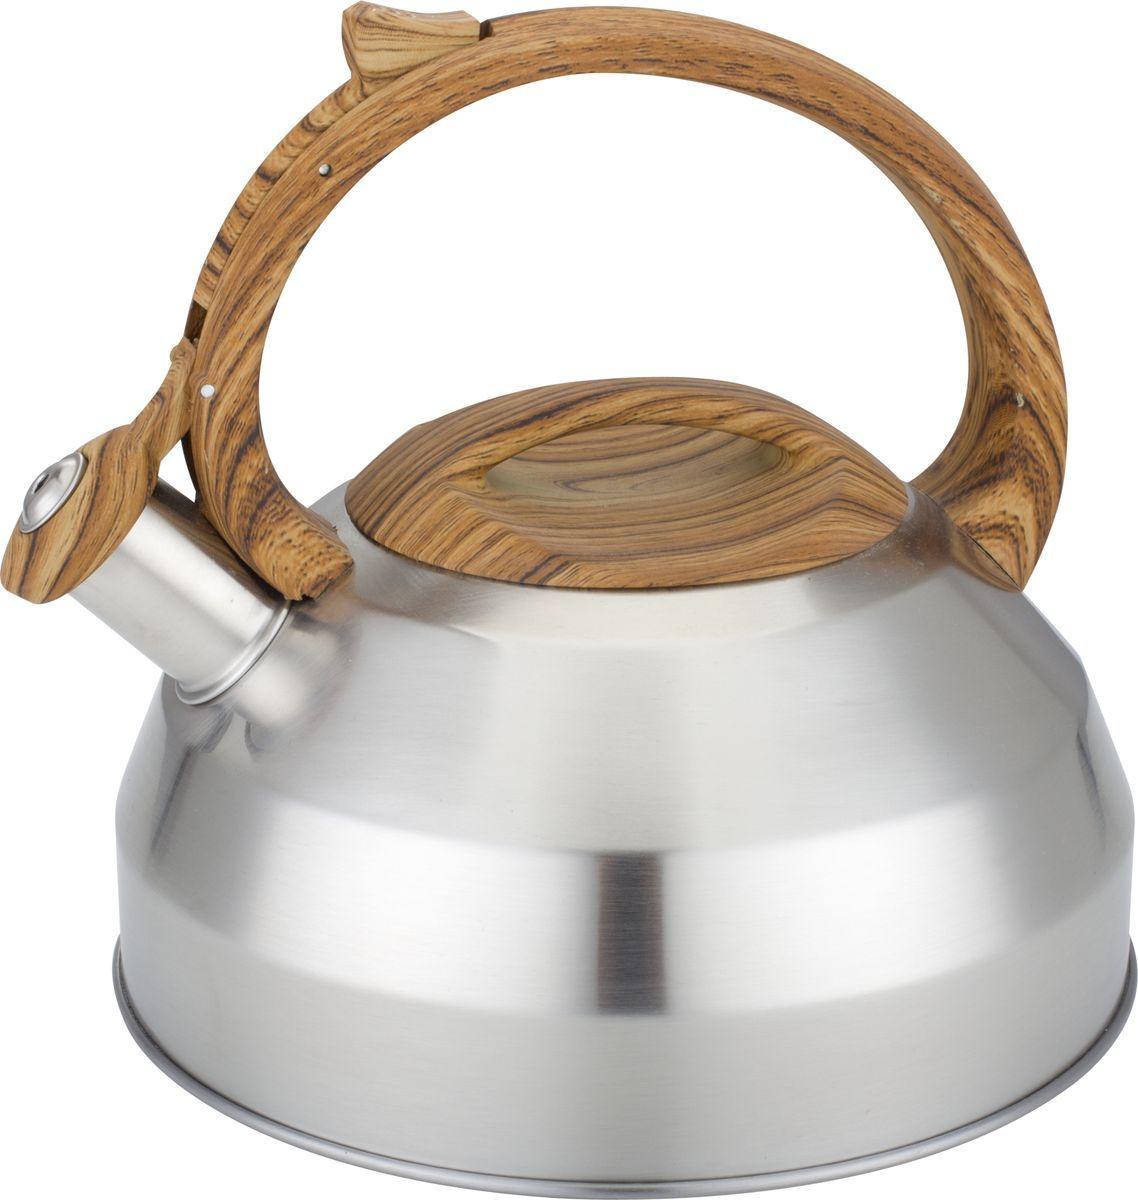 Чайник Bekker, со свистком, 3 л. BK-S58668/5/4Чайник Bekker изготовлен из высококачественной нержавеющей стали 18/10. Внешняя поверхность матовая с зеркальной полоской по нижнему краю. Капсулированное дно распределяет тепло по всей поверхности, что позволяет чайнику быстро закипать. Эргономичная фиксированная ручка выполнена из нержавеющей стали и бакелита с прорезиненным цветным покрытием. Носик оснащен откидным свистком, который подскажет, когда закипела вода. Свисток открывается нажатием на рукоятку. Подходит для газовых, стеклокерамических, галогеновых, электрических плит. Не подходит для индукционных. Можно мыть в посудомоечной машине